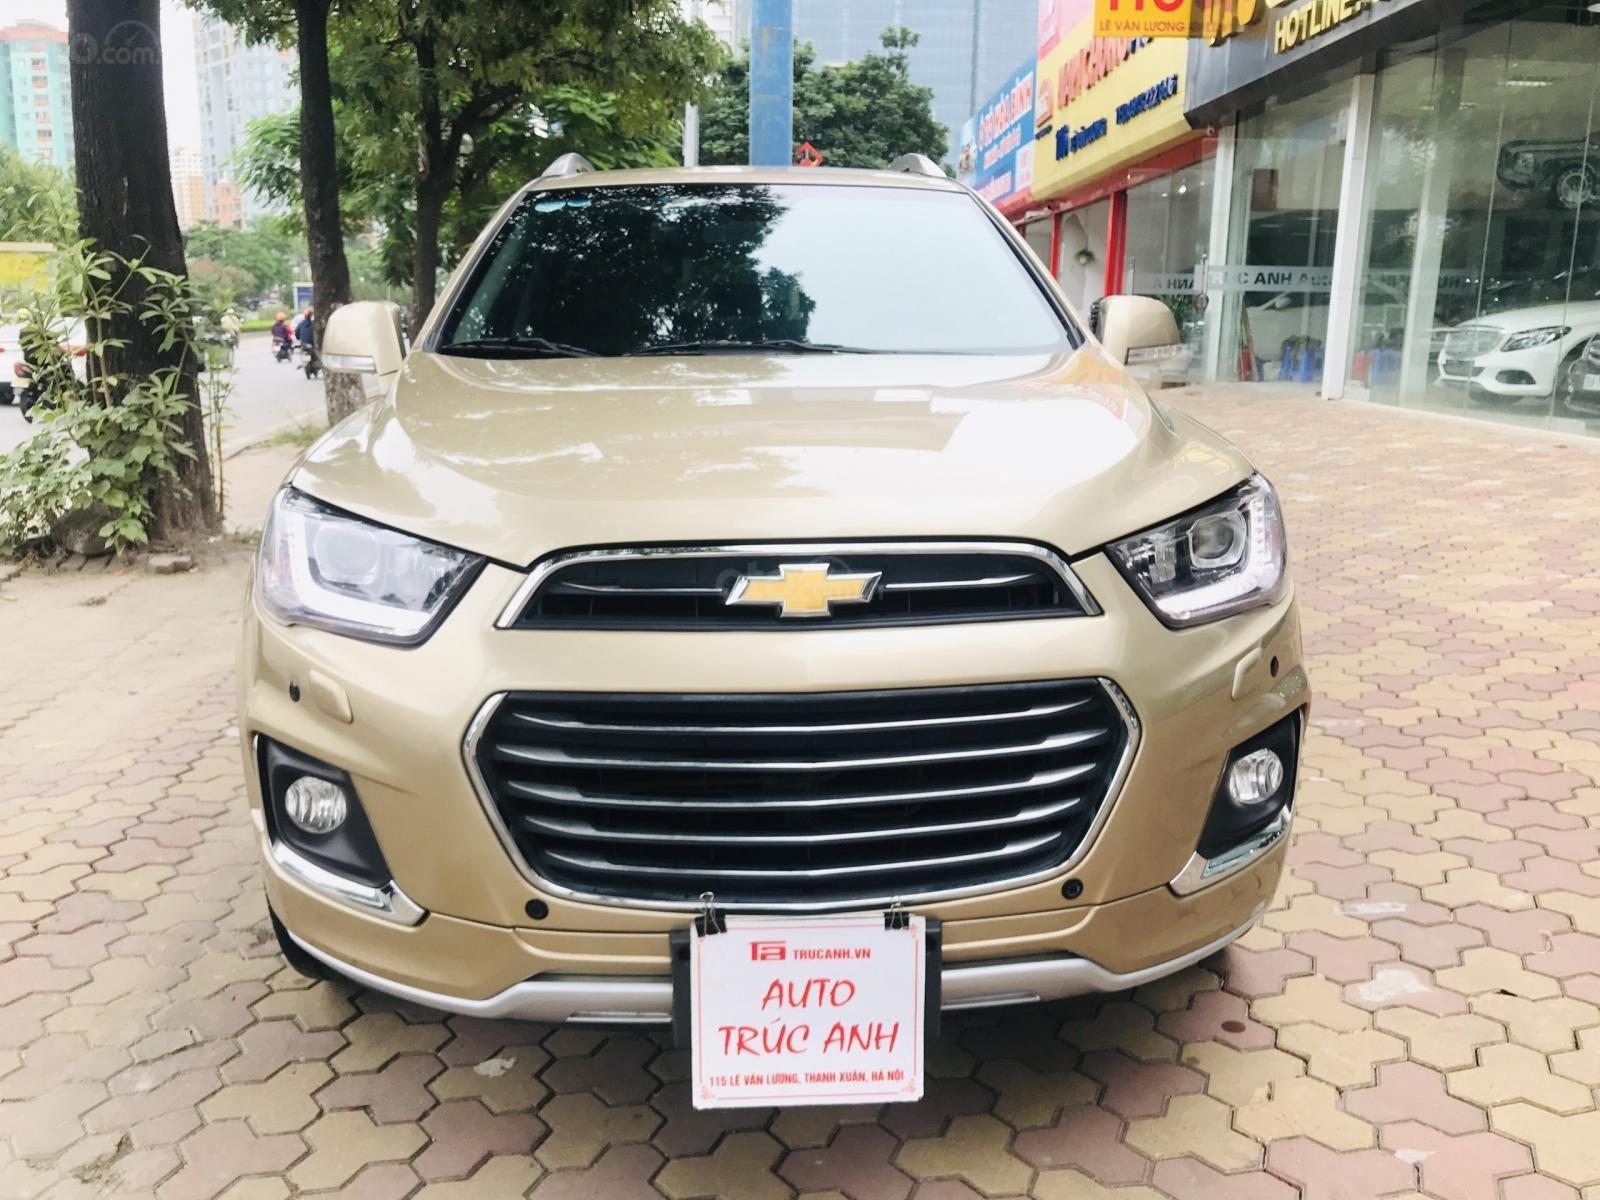 Cần bán Chevrolet Captiva LTZ sản xuất 2017, màu vàng, số tự động (1)